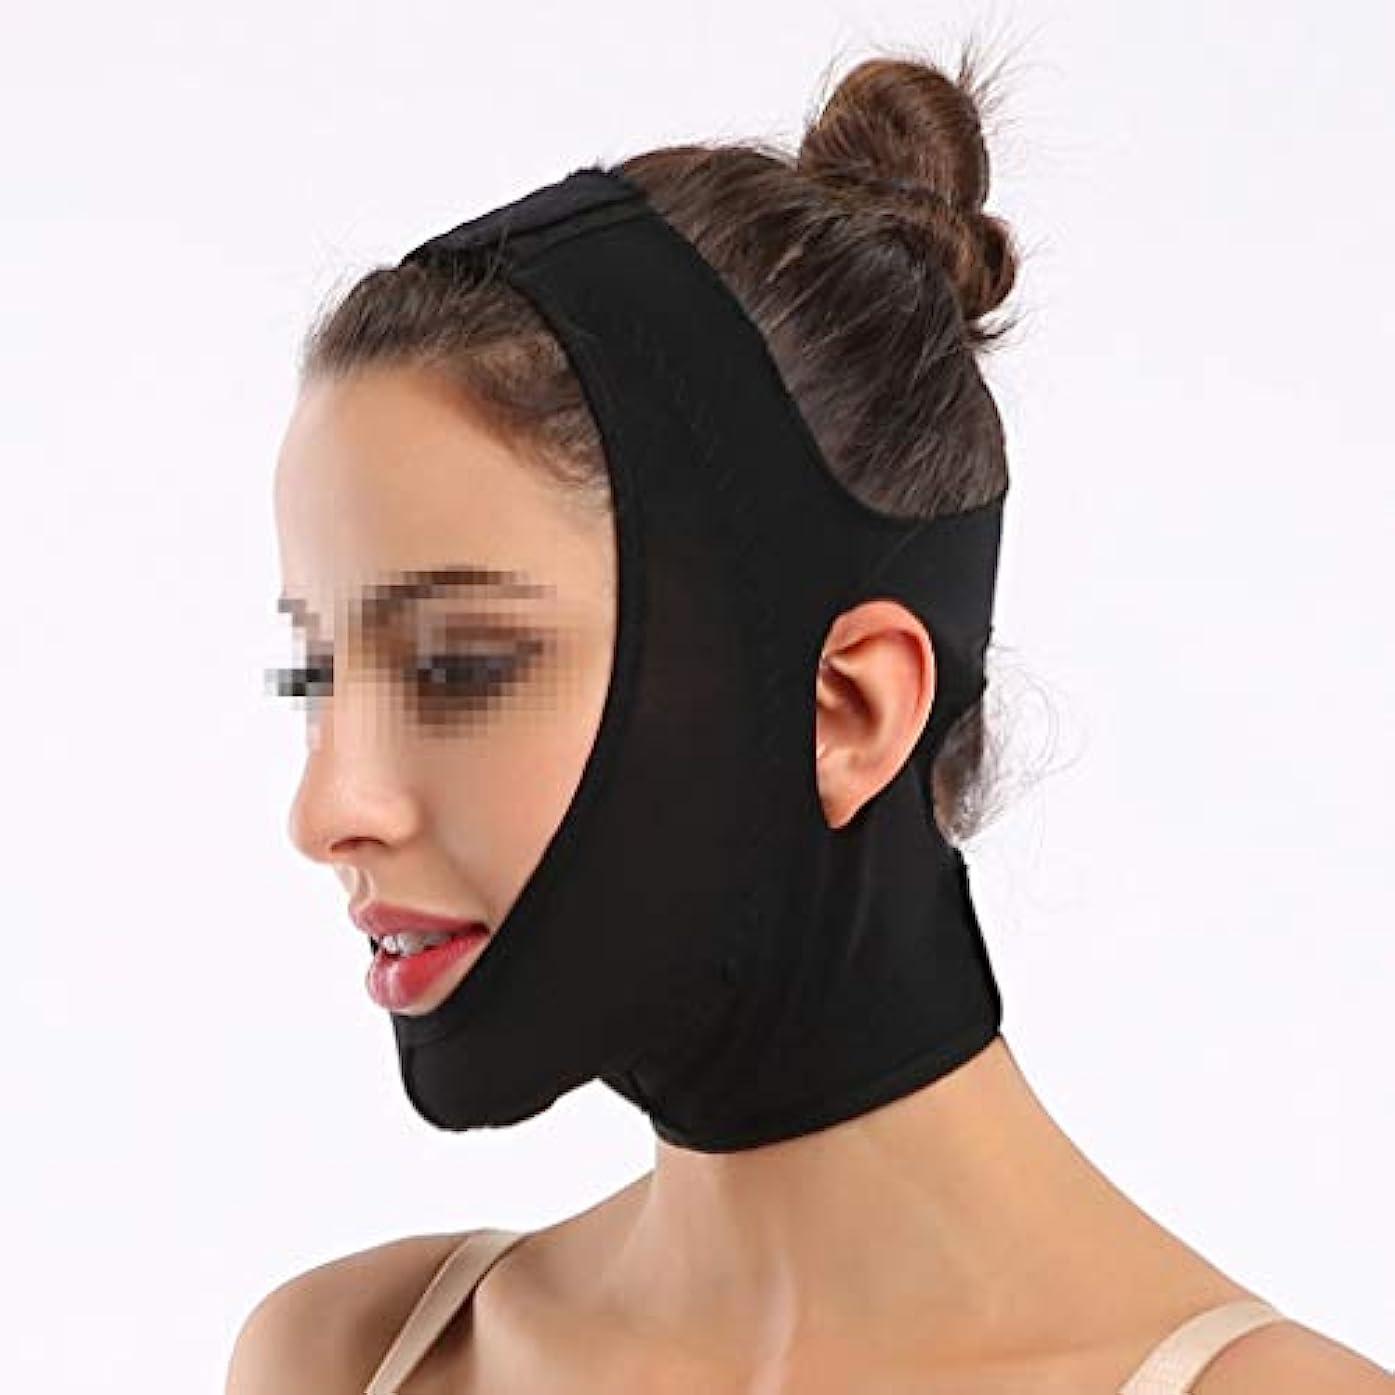 憧れ反乱燃料Vフェイスマスク、包帯マスクを持ち上げて引き締めるスキニービューティーサロン1日2時間Vフェイスマッサージ術後回復